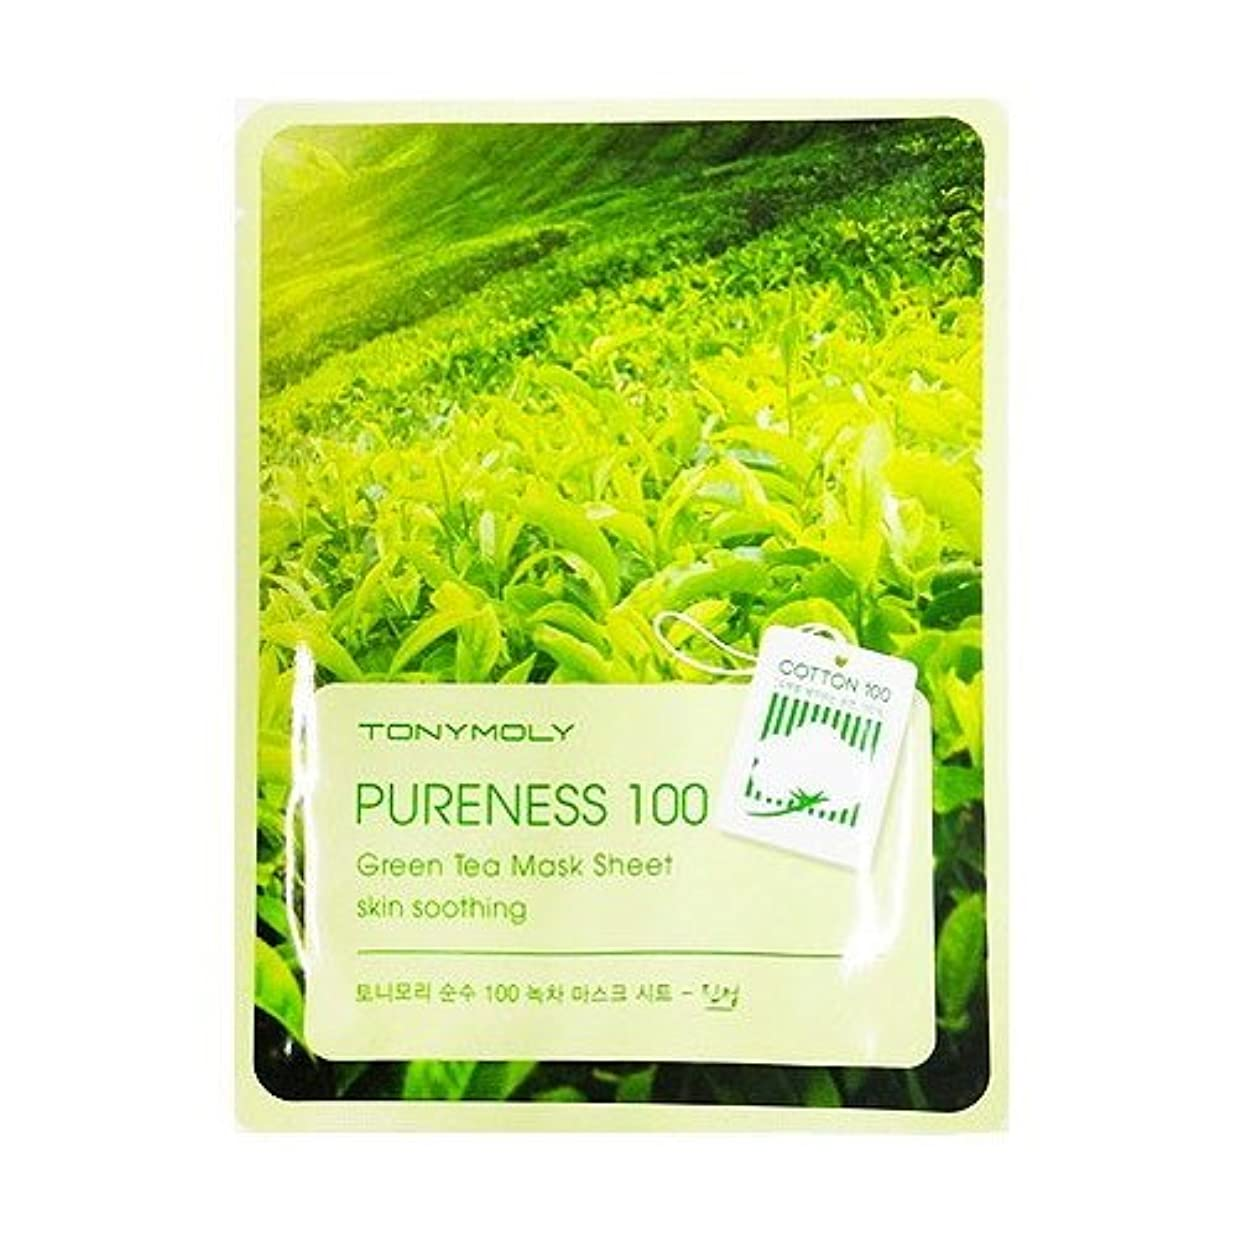 寄稿者水平ハンサム(6 Pack) TONYMOLY Pureness 100 Green Tea Mask Sheet Skin Soothing (並行輸入品)